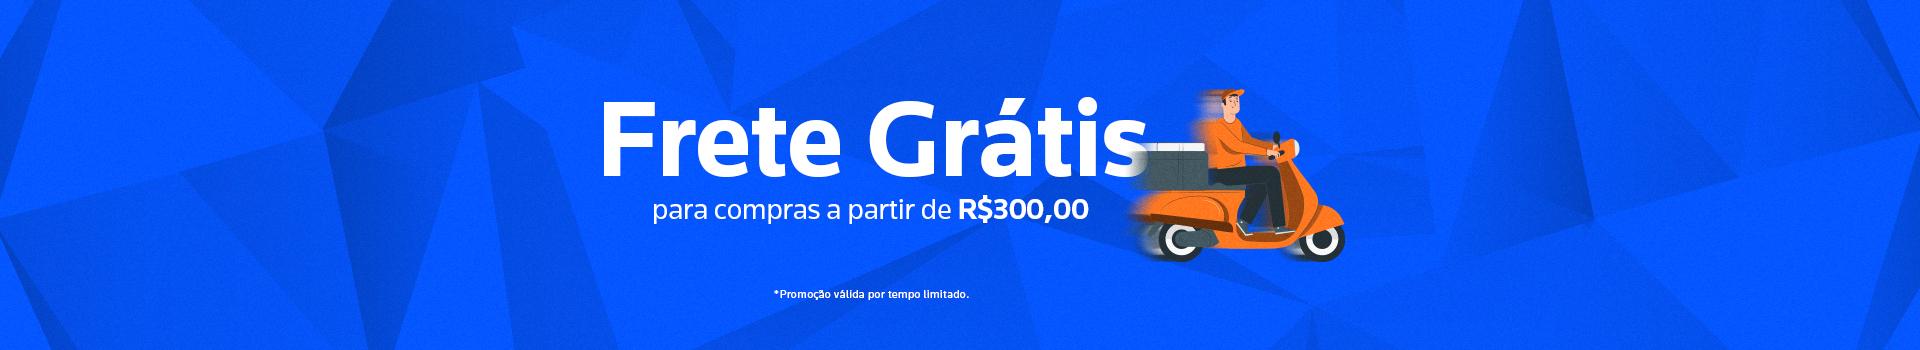 Frete Grátis - R$300,00